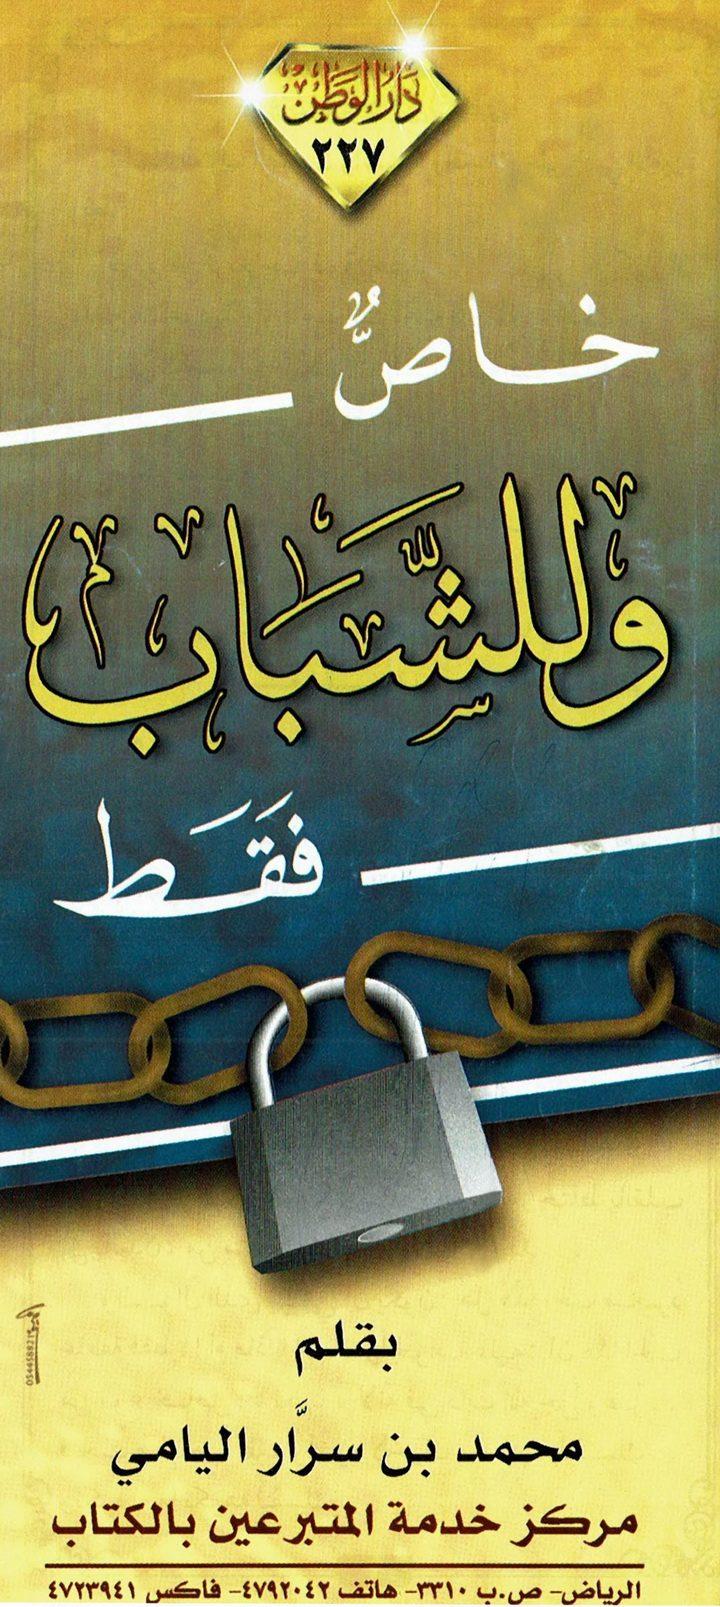 خاص و للشباب فقط (محمد بن سرار اليامي – دار الوطن )